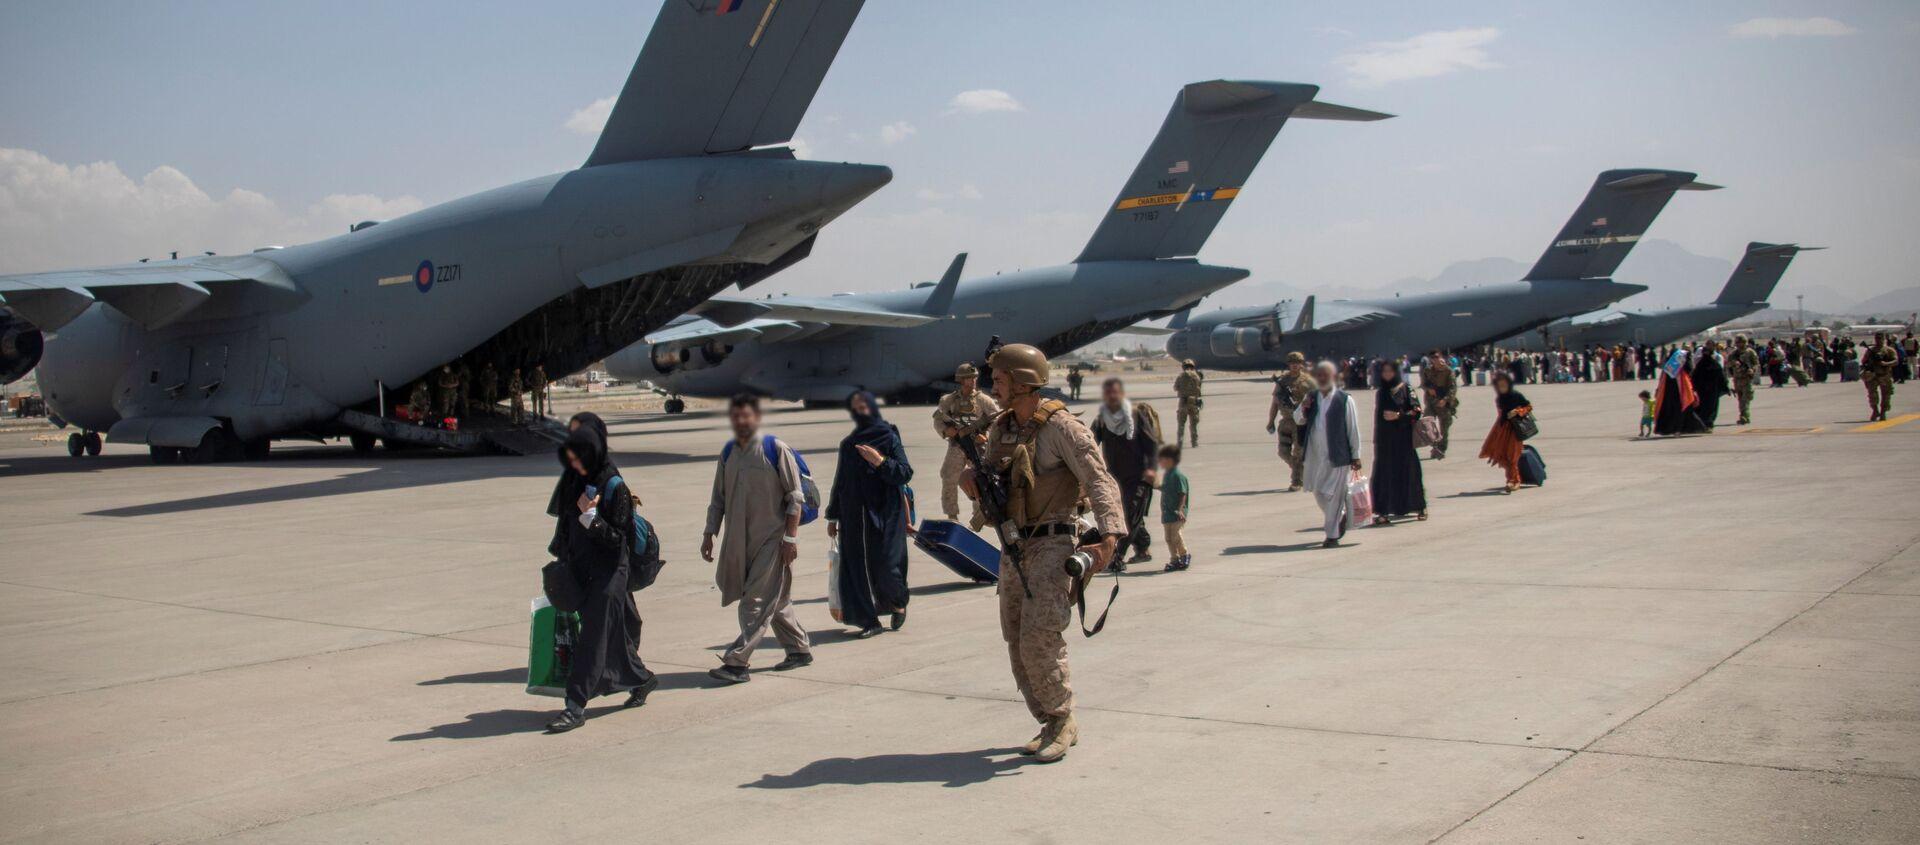 l'évacuation des civils afghans depuis Kaboul (image d'illustration) - Sputnik France, 1920, 26.08.2021